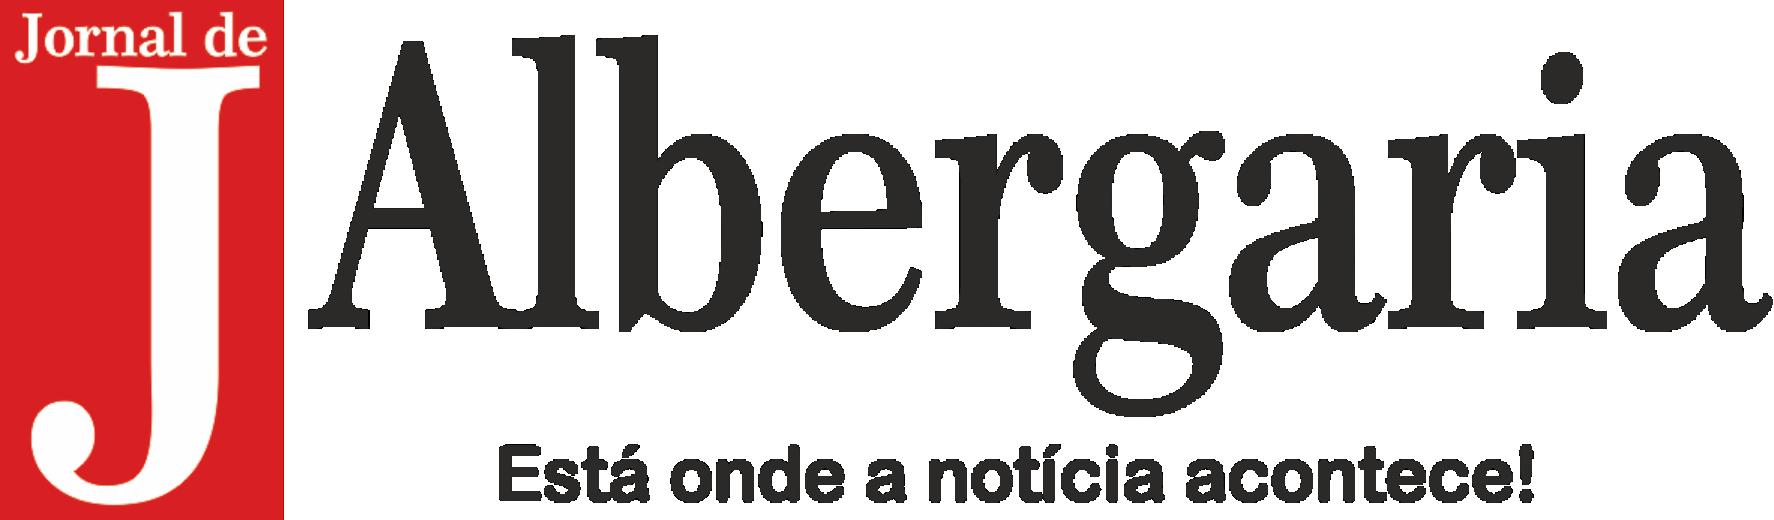 Jornal de Albergaria - Está onde a notícia acontece!